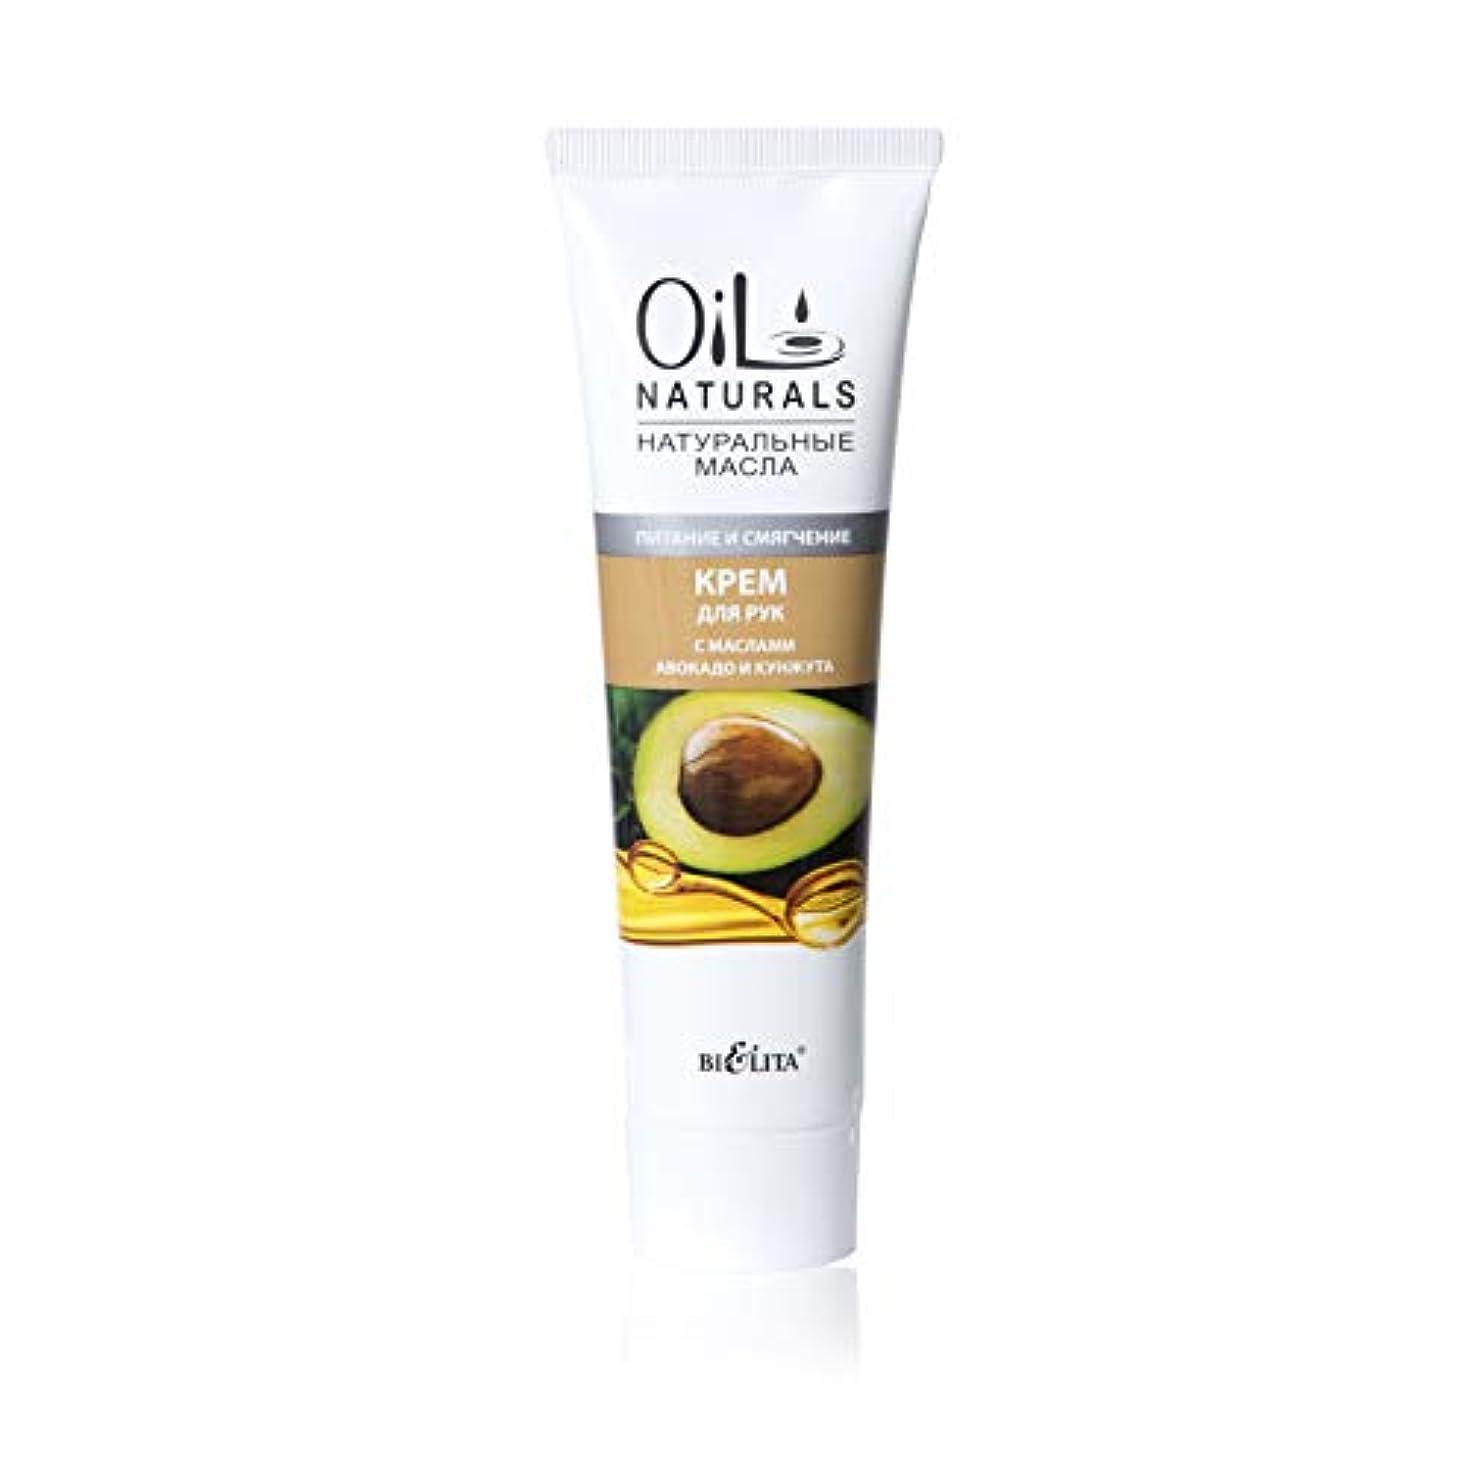 本複数変装したBielita & Vitex Oil Naturals Line | Nutrition & Softening Hand Cream, 100 ml | Avocado Oil, Silk Proteins, Sesame Oil, Vitamins